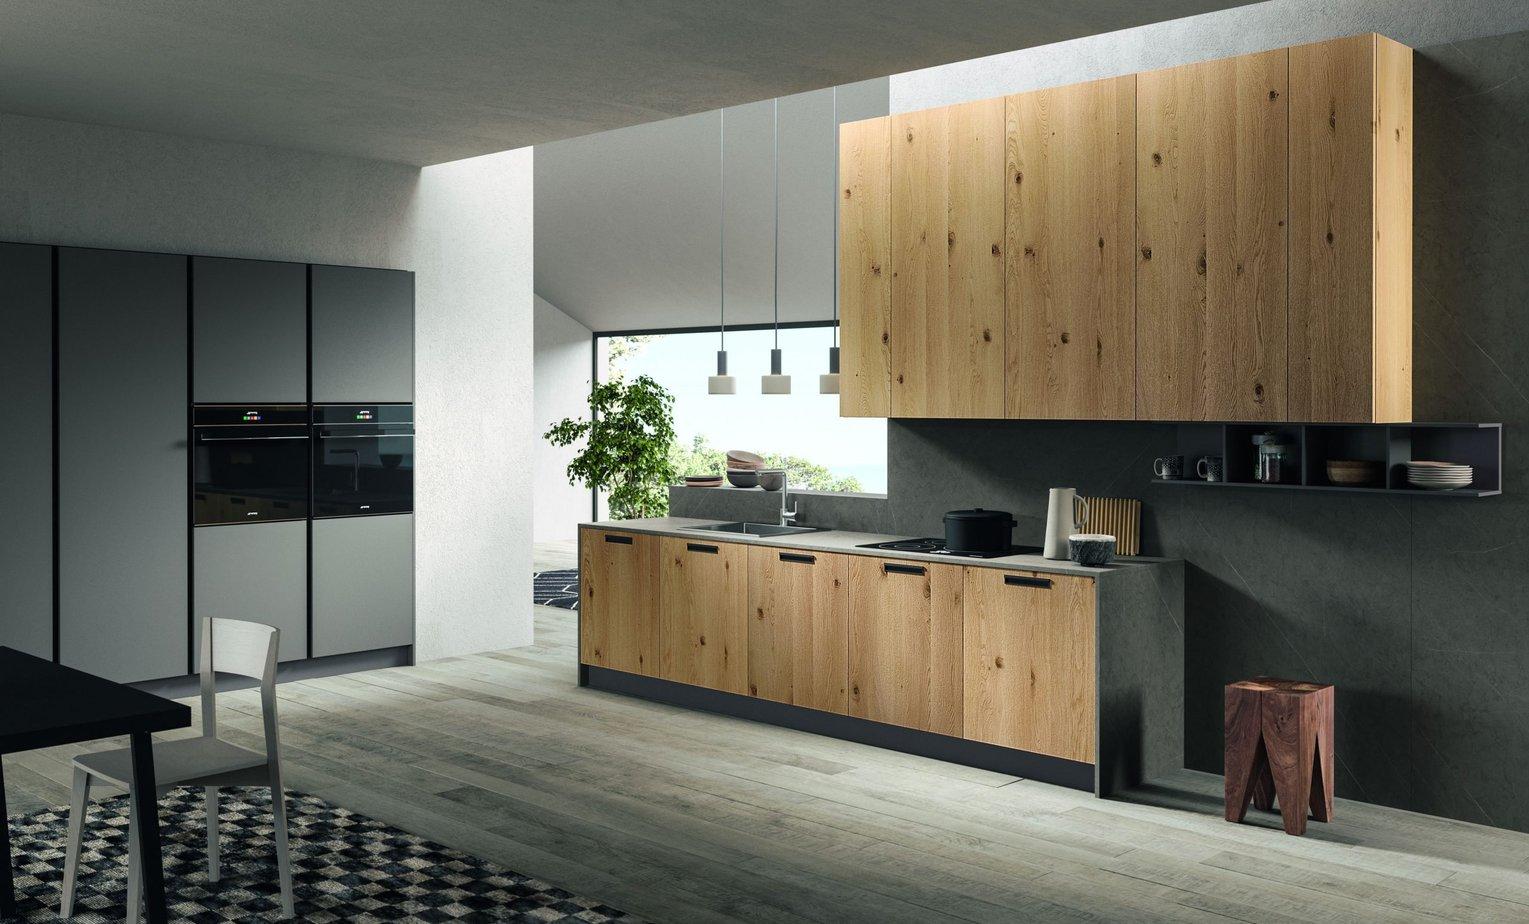 Cucina di design Rovere Nodato con anta Liscia